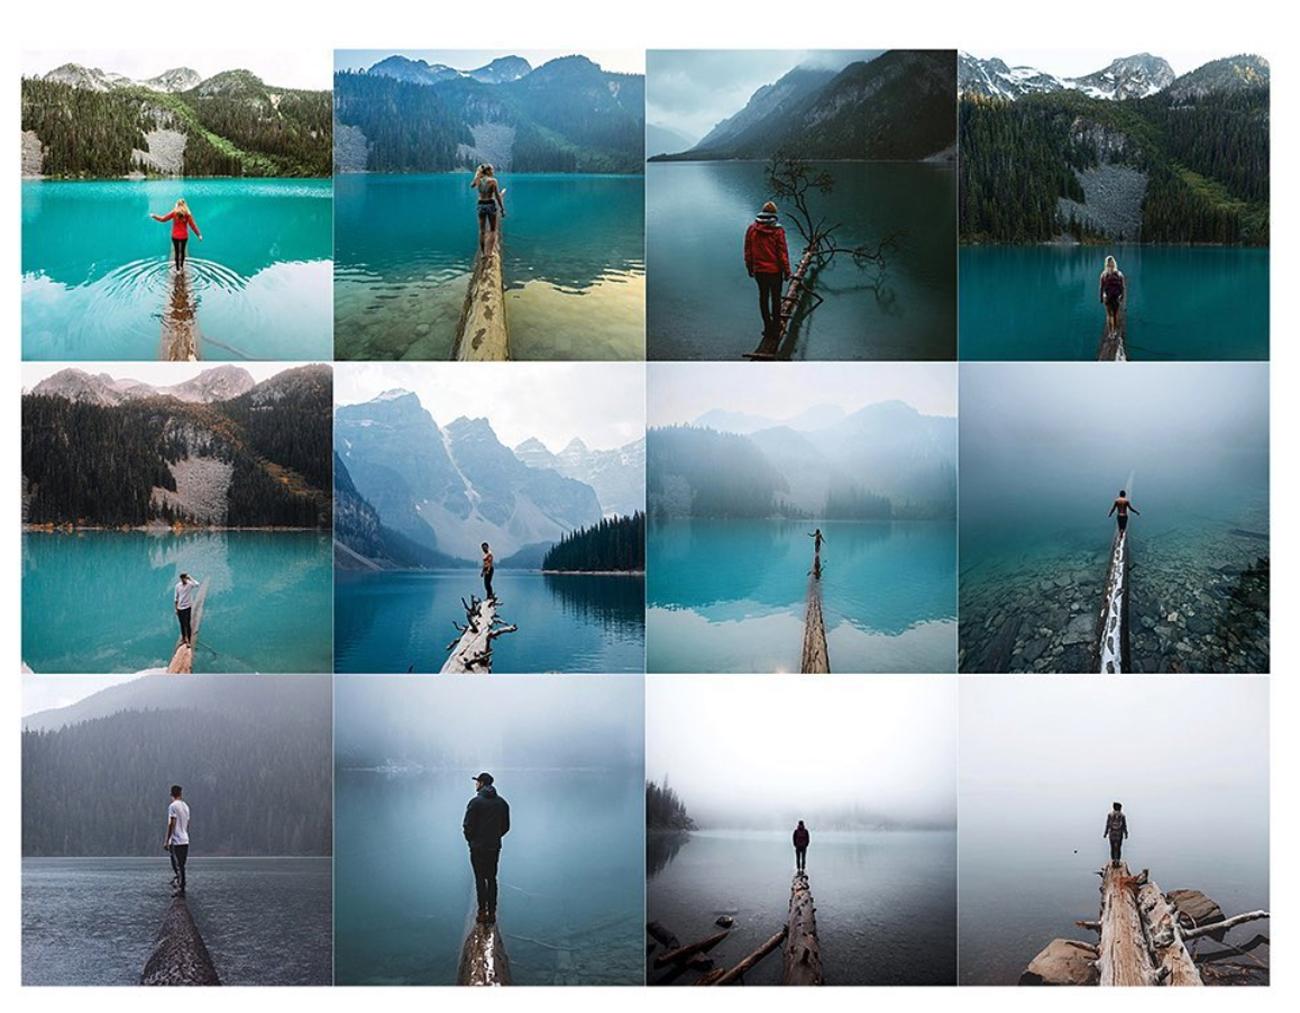 Screenshot von Instagram_repeat: Viele Bilder zeigen Menschen auf Stegen auf dem See